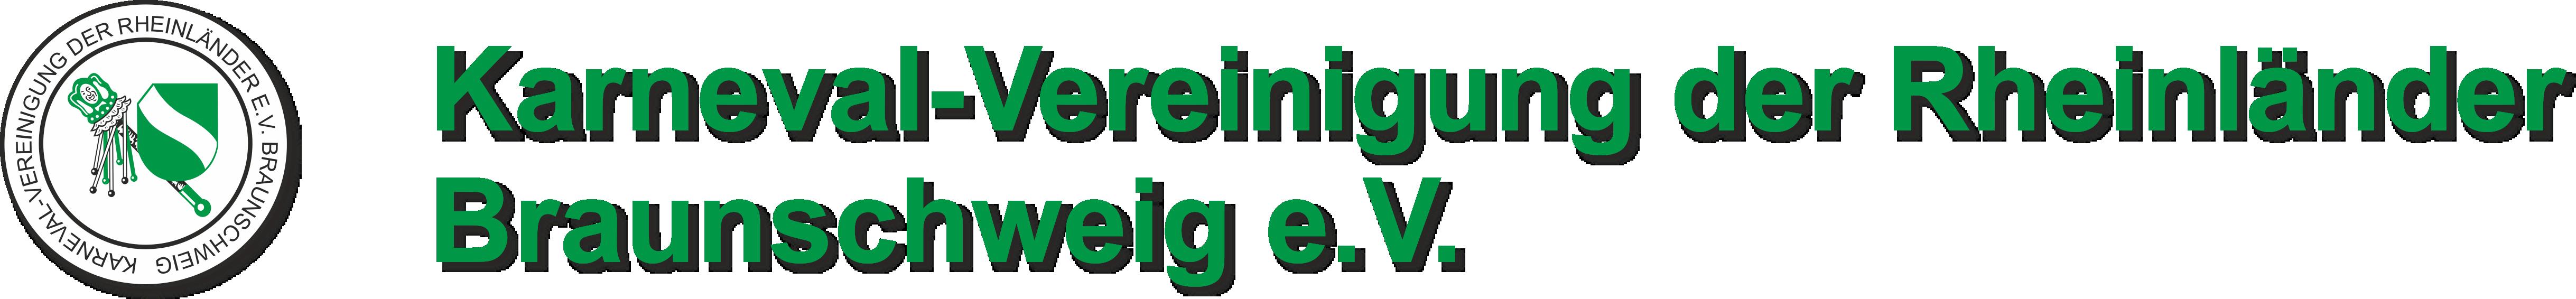 Karneval-Vereinigung der Rheinländer Braunschweig e.V.